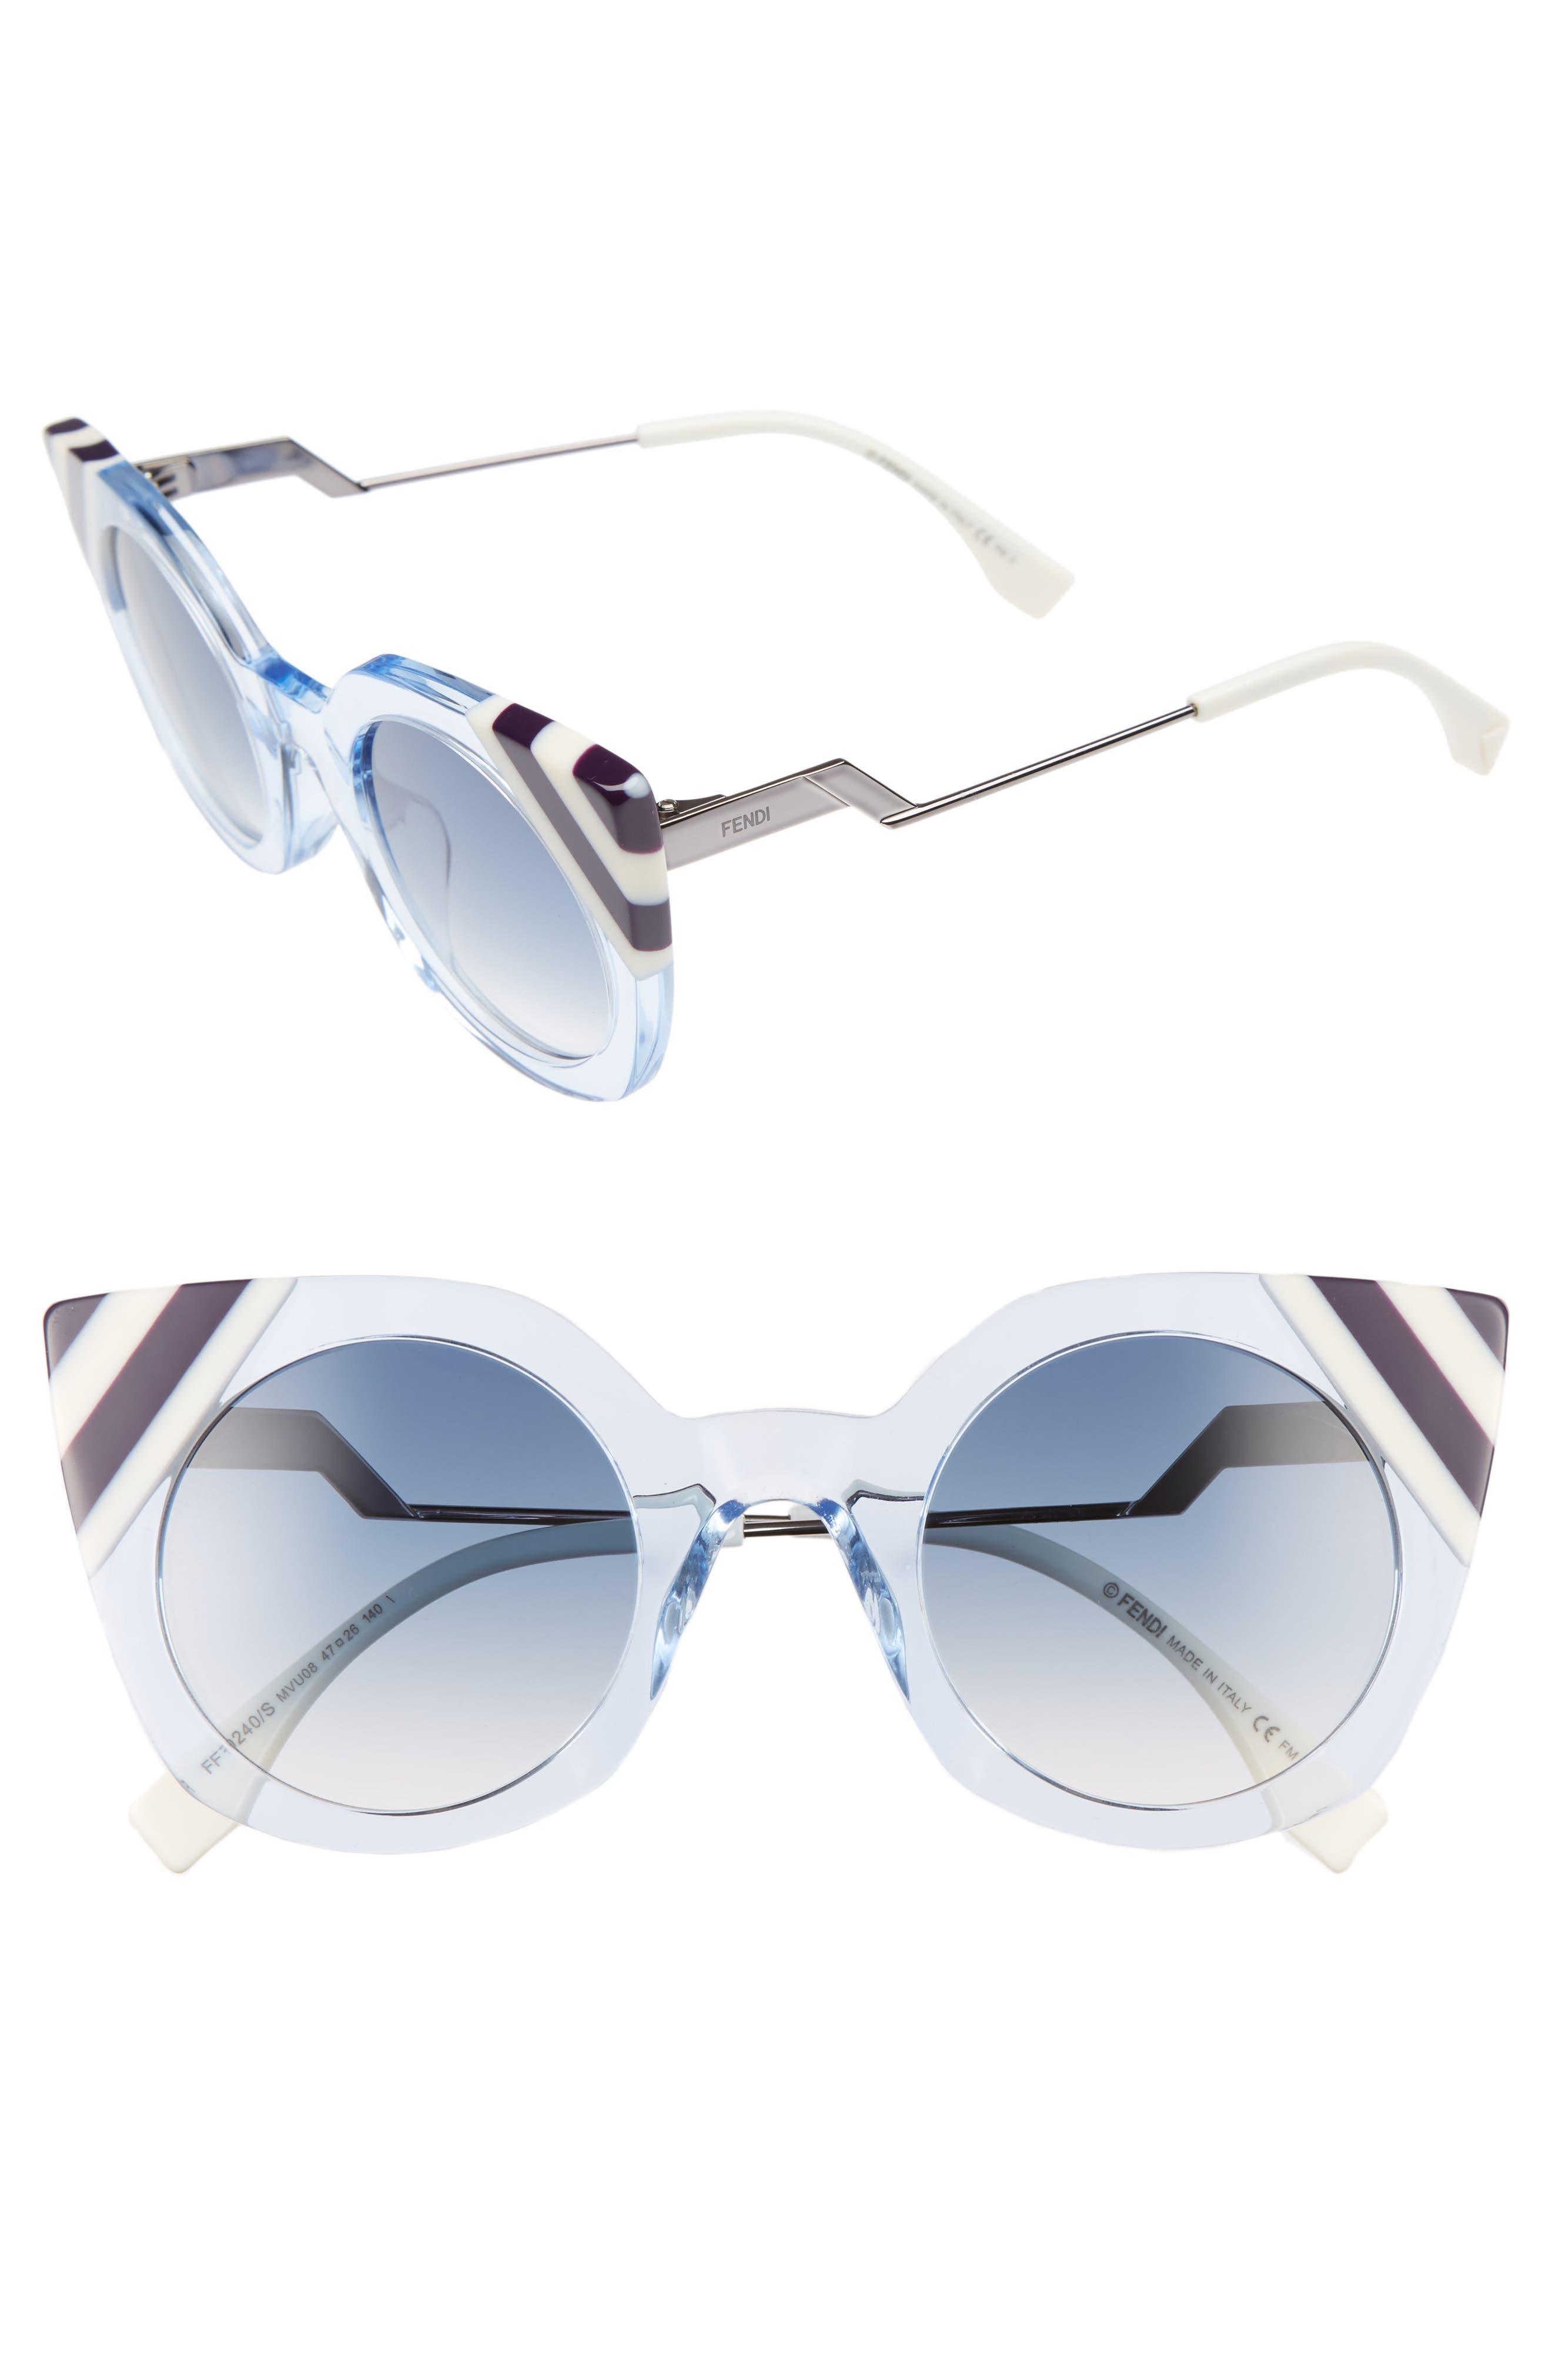 Fendi 47mm Cat Eye Sunglasses